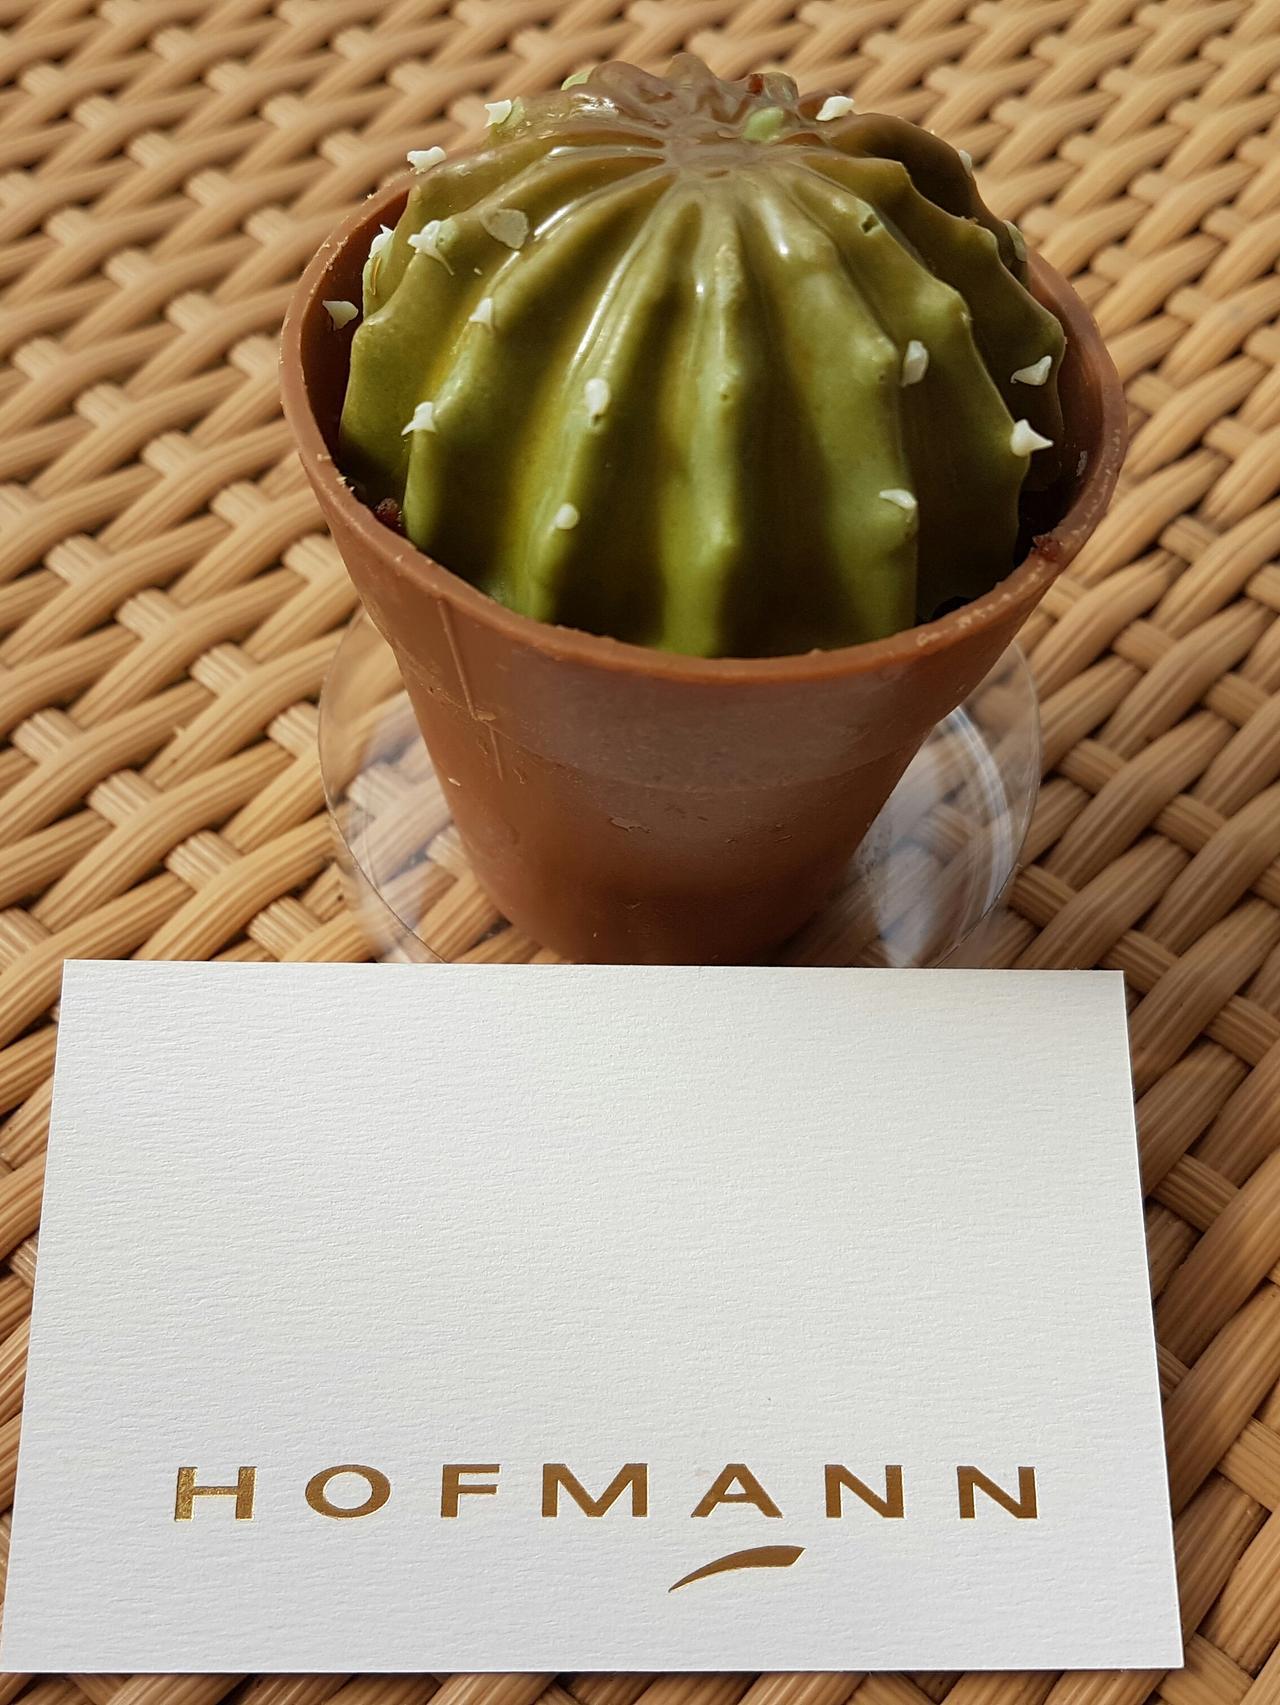 hofmann kaktus